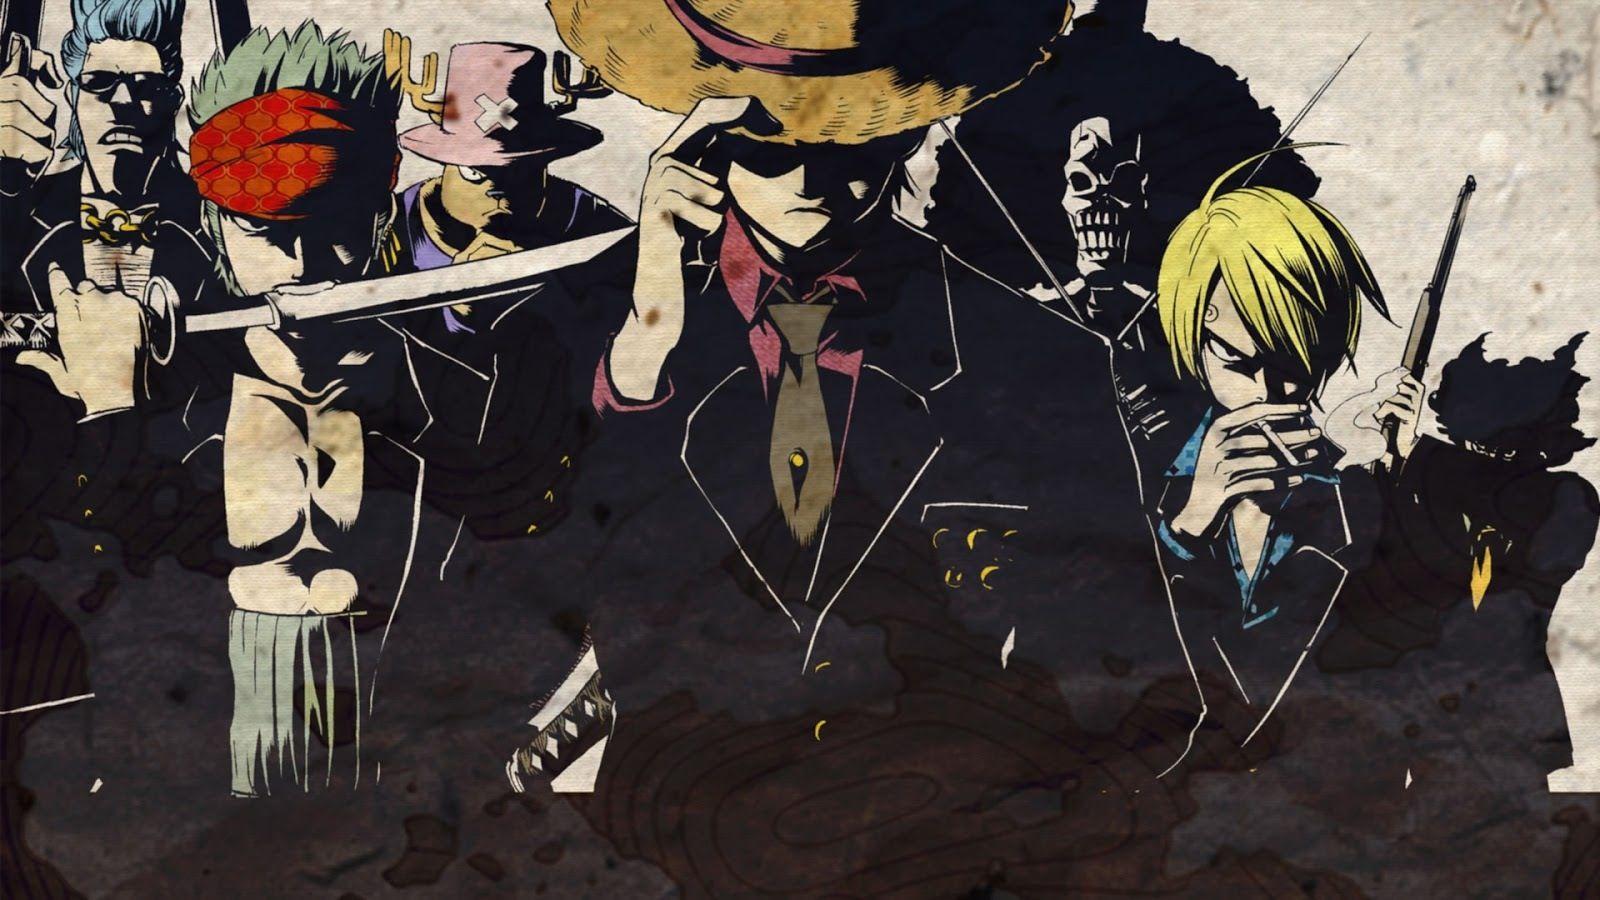 One piece manga mafia style One piece anime, One